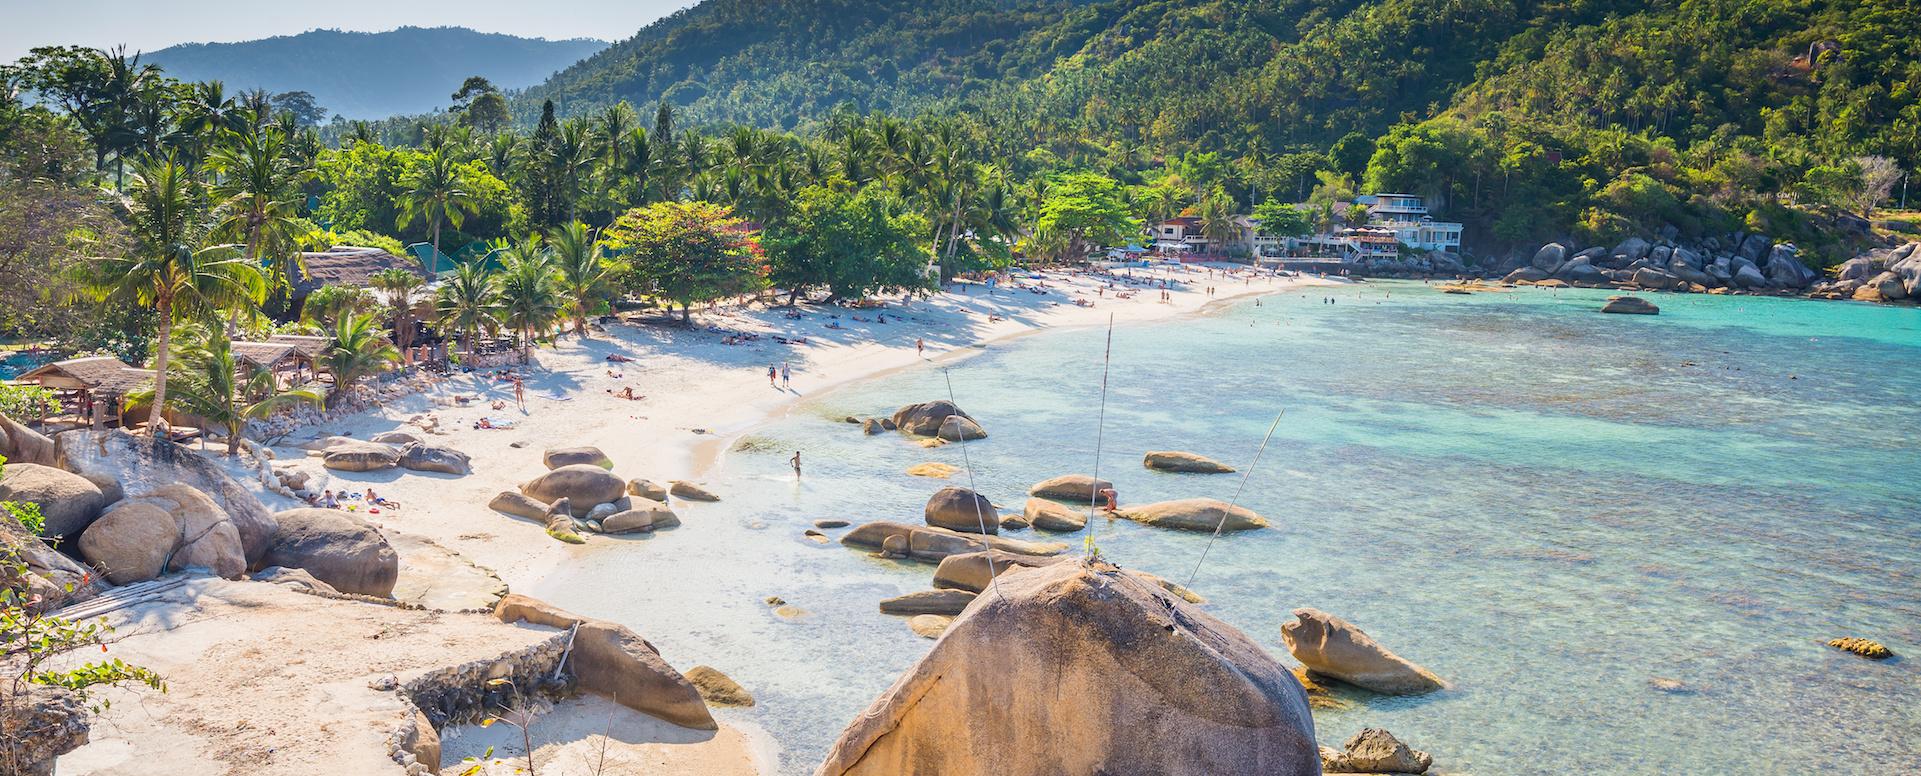 Lamai beach - Koh Samui - Thailand